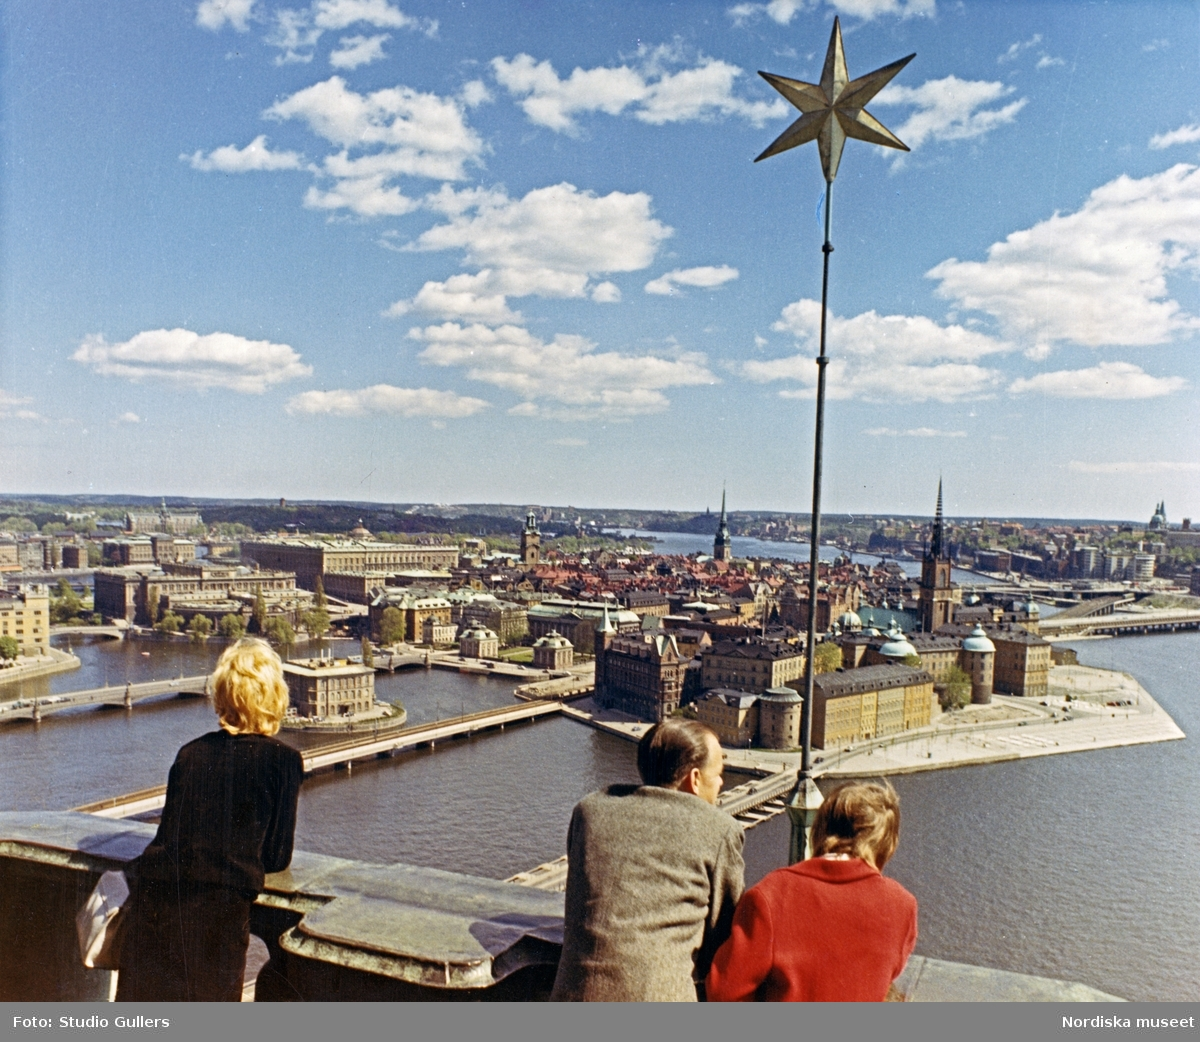 Utsikt över Riddarholmen och Gamla stan från tornet på Stockholms stadshus.